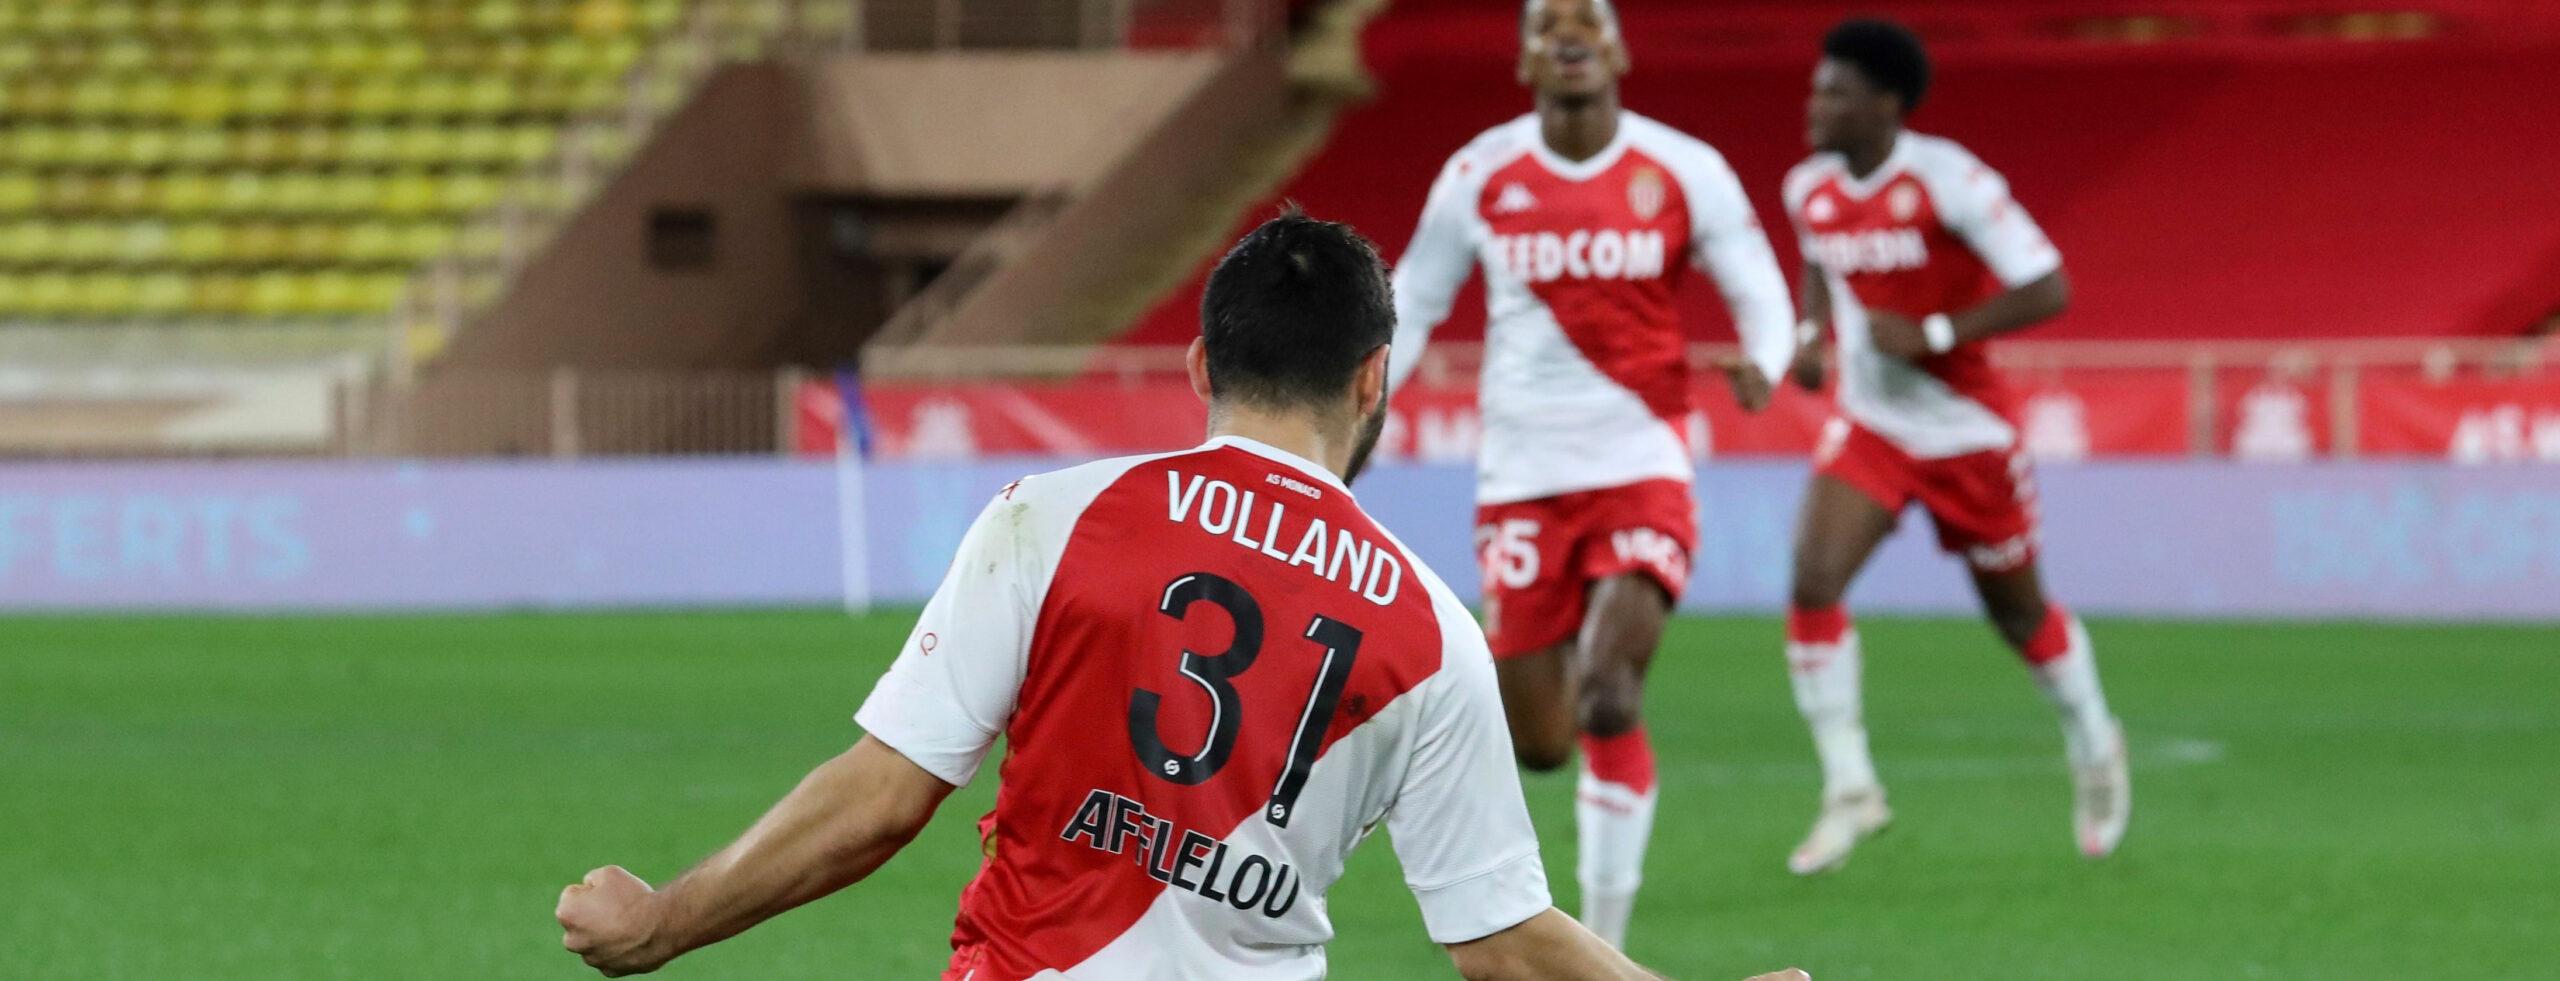 AS Monaco: Dank Kovac und Volland wieder ein Spitzenteam